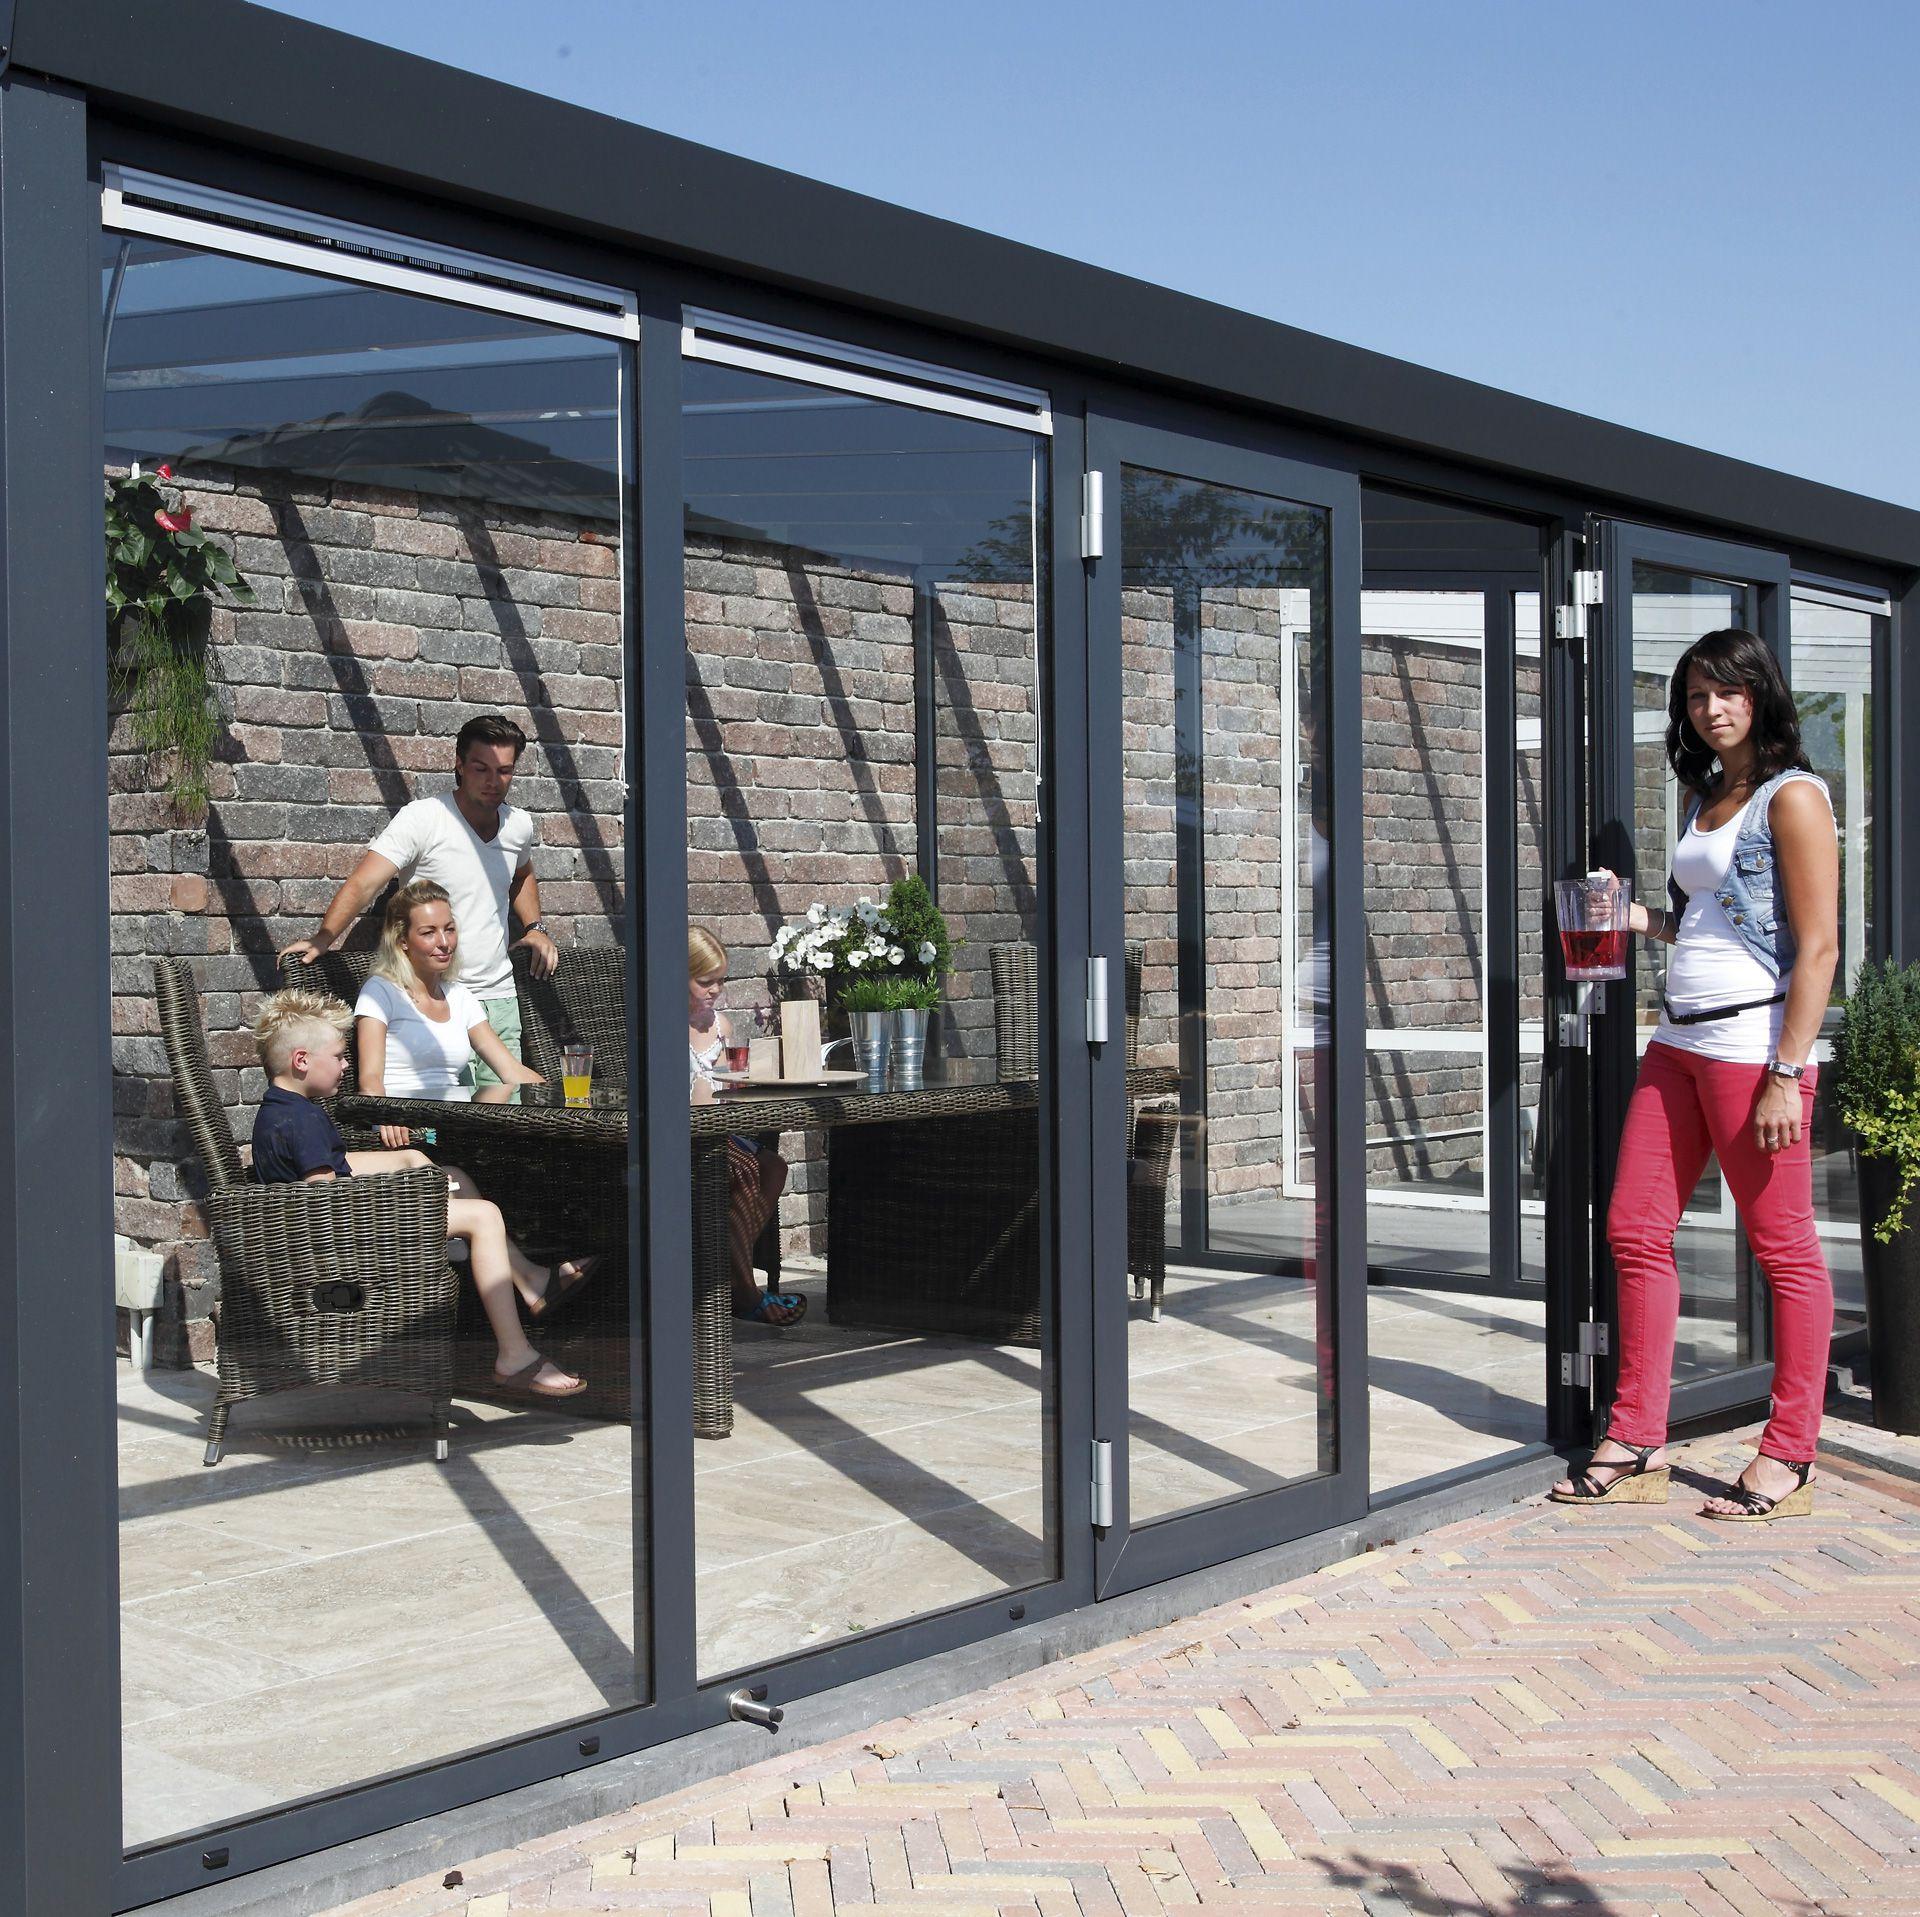 wintergarten aluminium sicherheitsglas 4 m tief kaufen. Black Bedroom Furniture Sets. Home Design Ideas